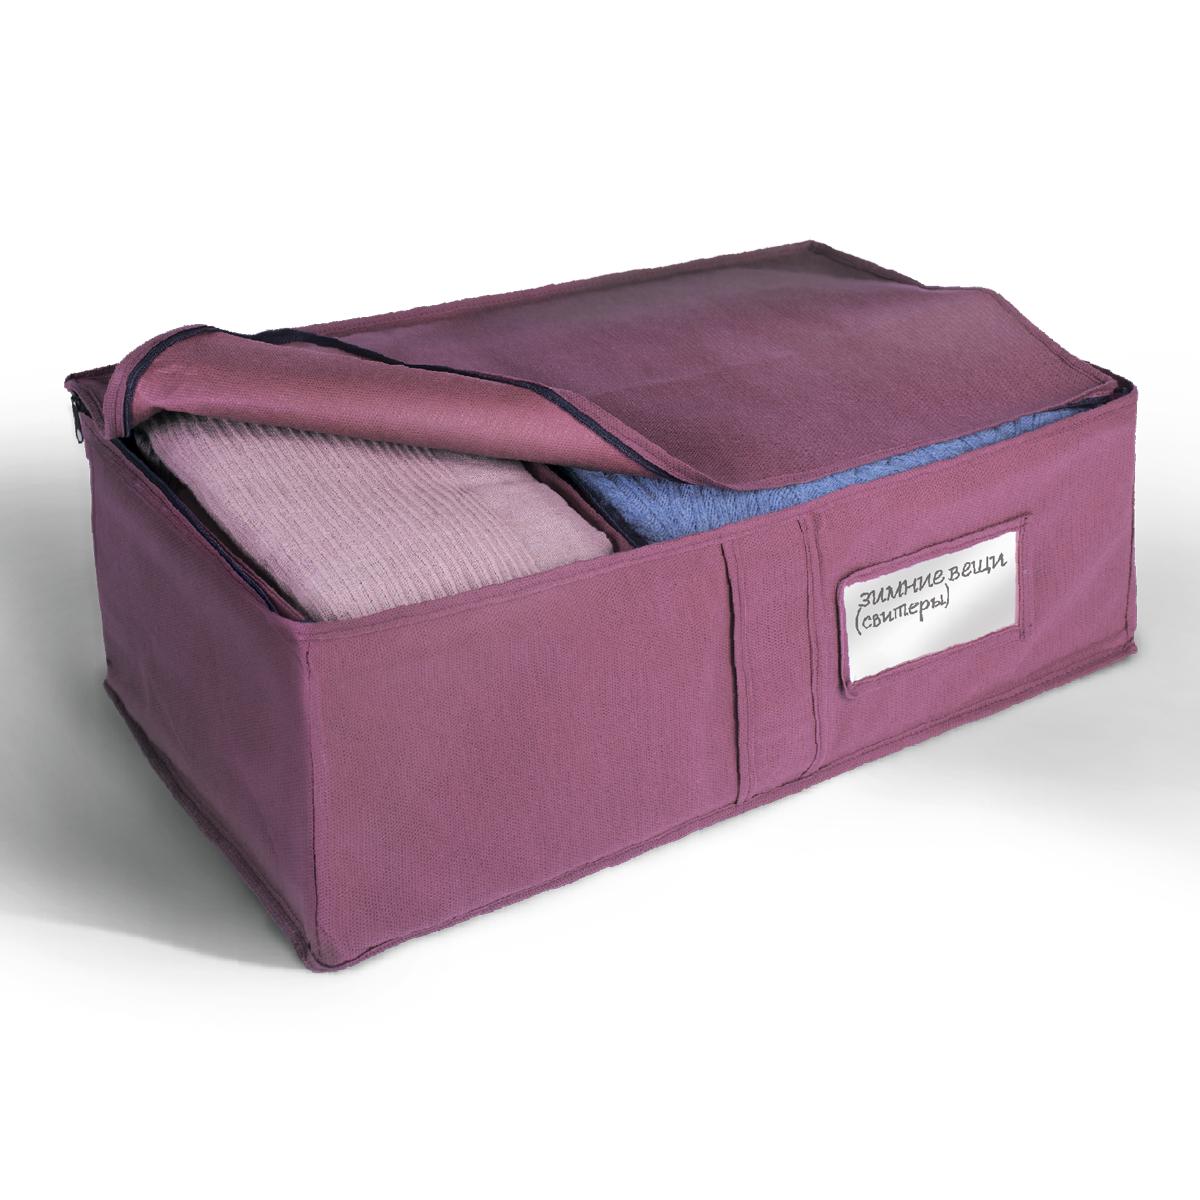 Кофр для хранения Miolla, складной, цвет: бордовый, 60 х 30 х 20 смCHL-7-4Компактный складной кофр Miolla изготовлен из высококачественногонетканого материала, которыйобеспечивает естественную вентиляцию, позволяя воздуху проникать внутрь,но не пропускает пыль. Изделие закрывается на молнию. Размер кофра (в собранном виде): 60 x 30 x 20 см.